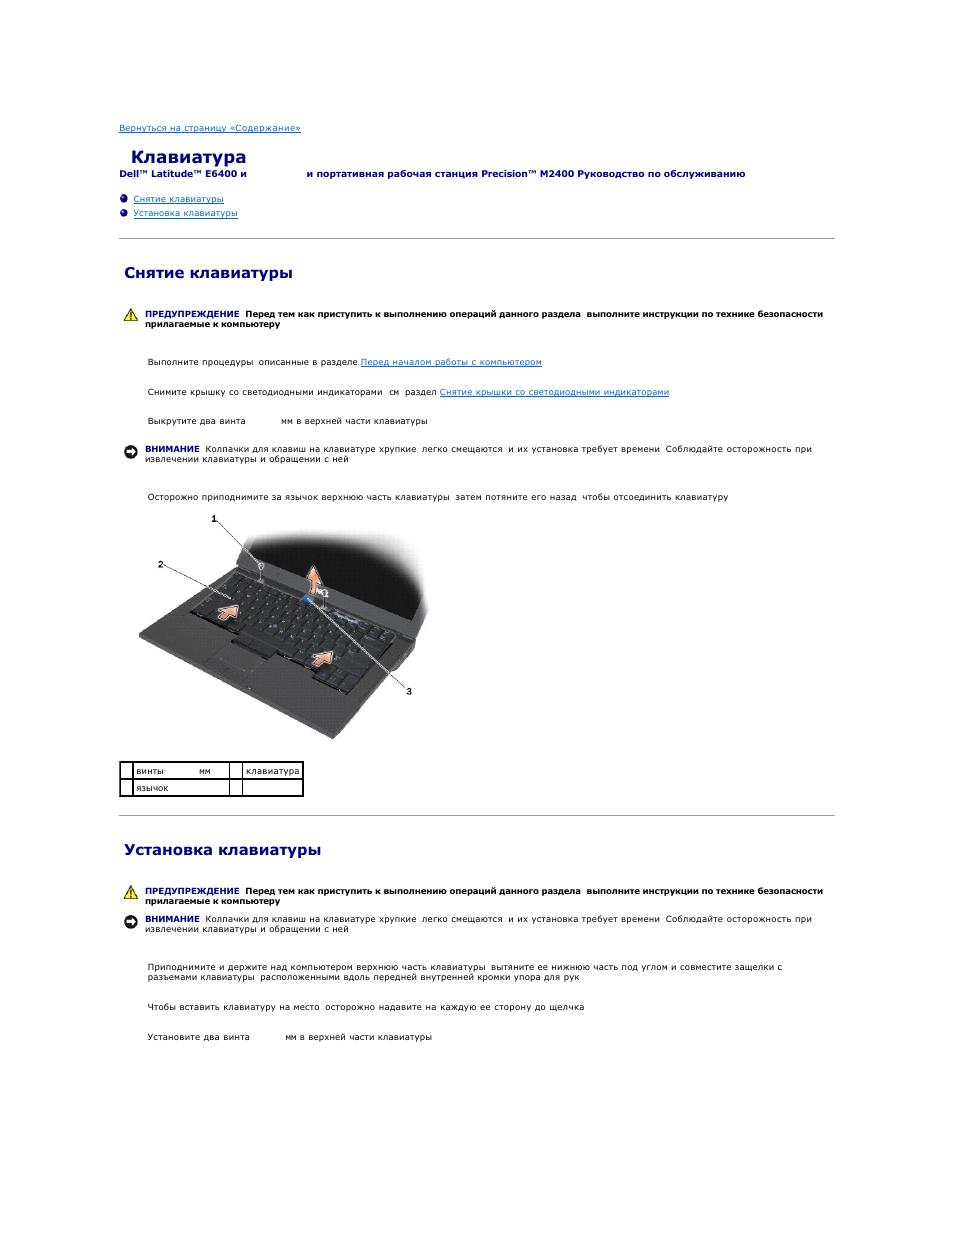 Клавиатура инструкция по эксплуатации